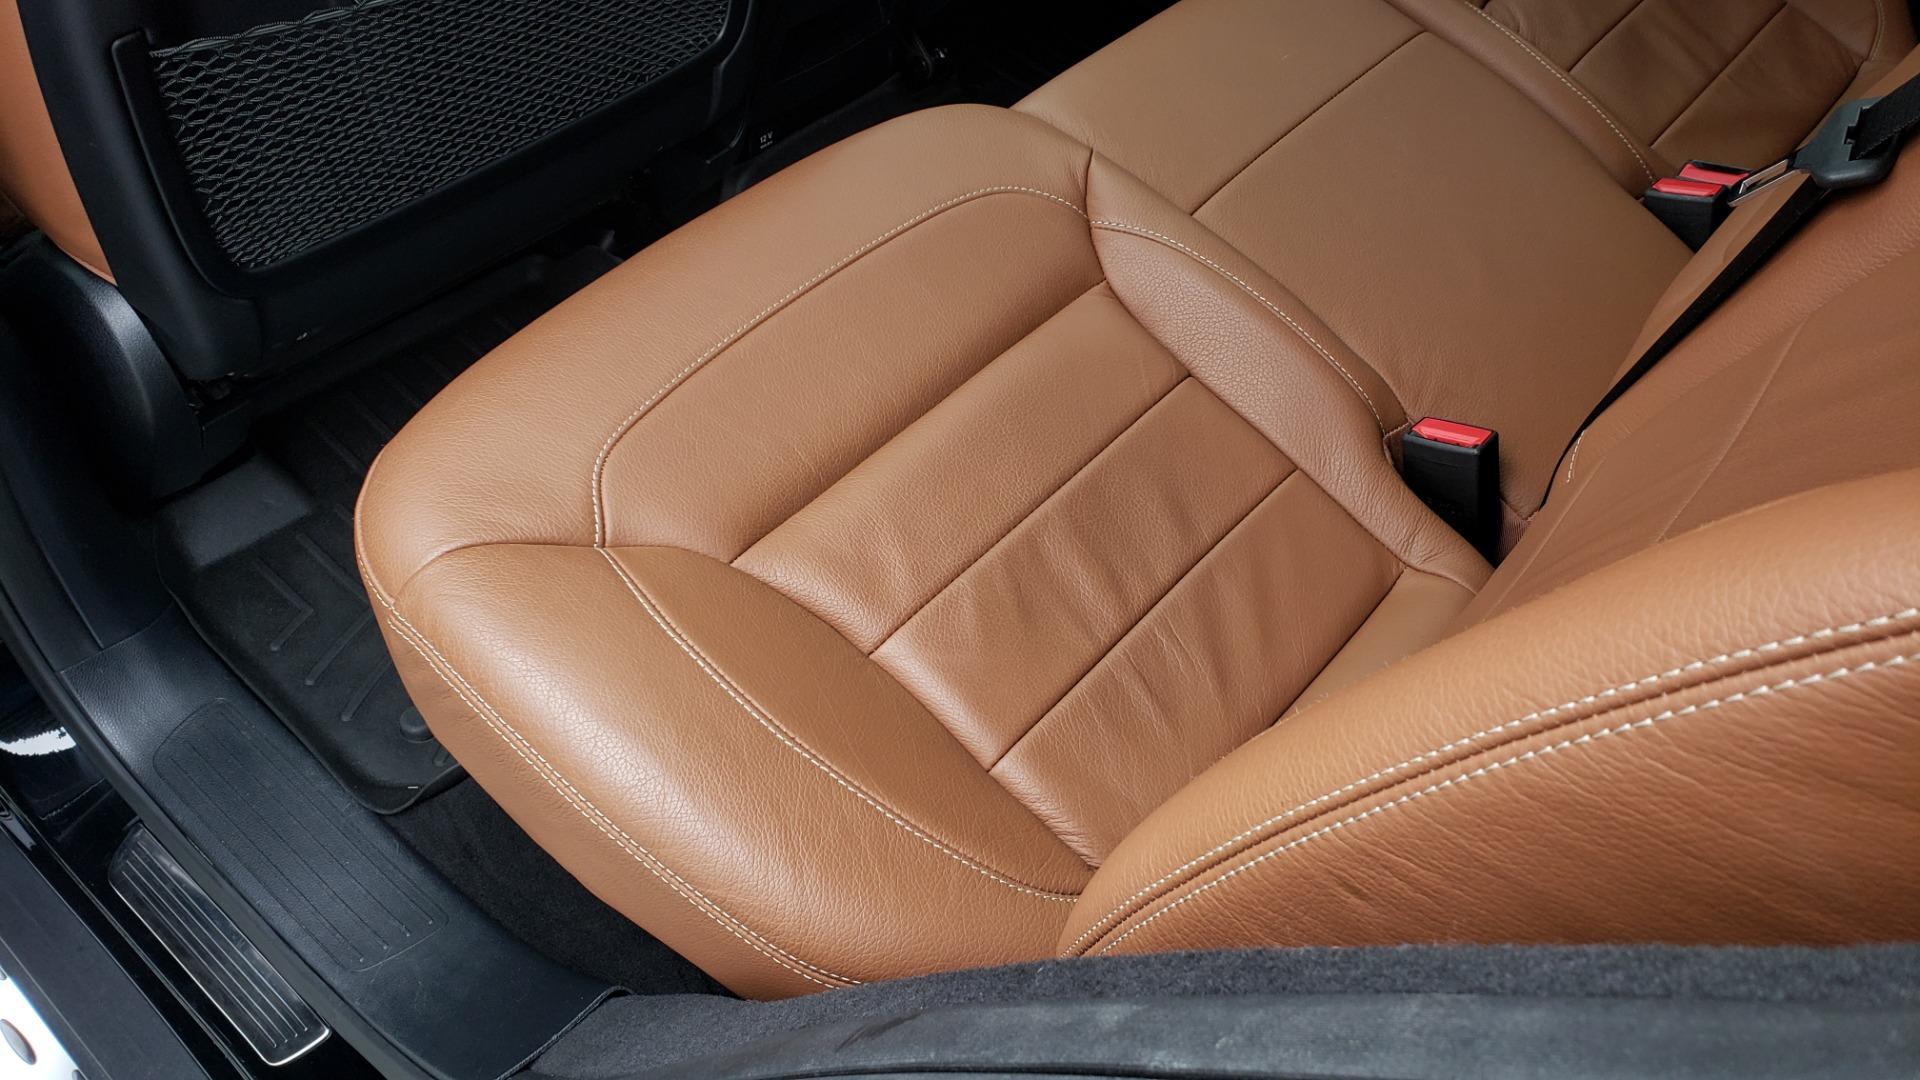 Used 2016 Mercedes-Benz GLE 450 AMG / AWD / PREM PKG / PARK ASST / DRVR ASST / SUNROOF for sale Sold at Formula Imports in Charlotte NC 28227 66